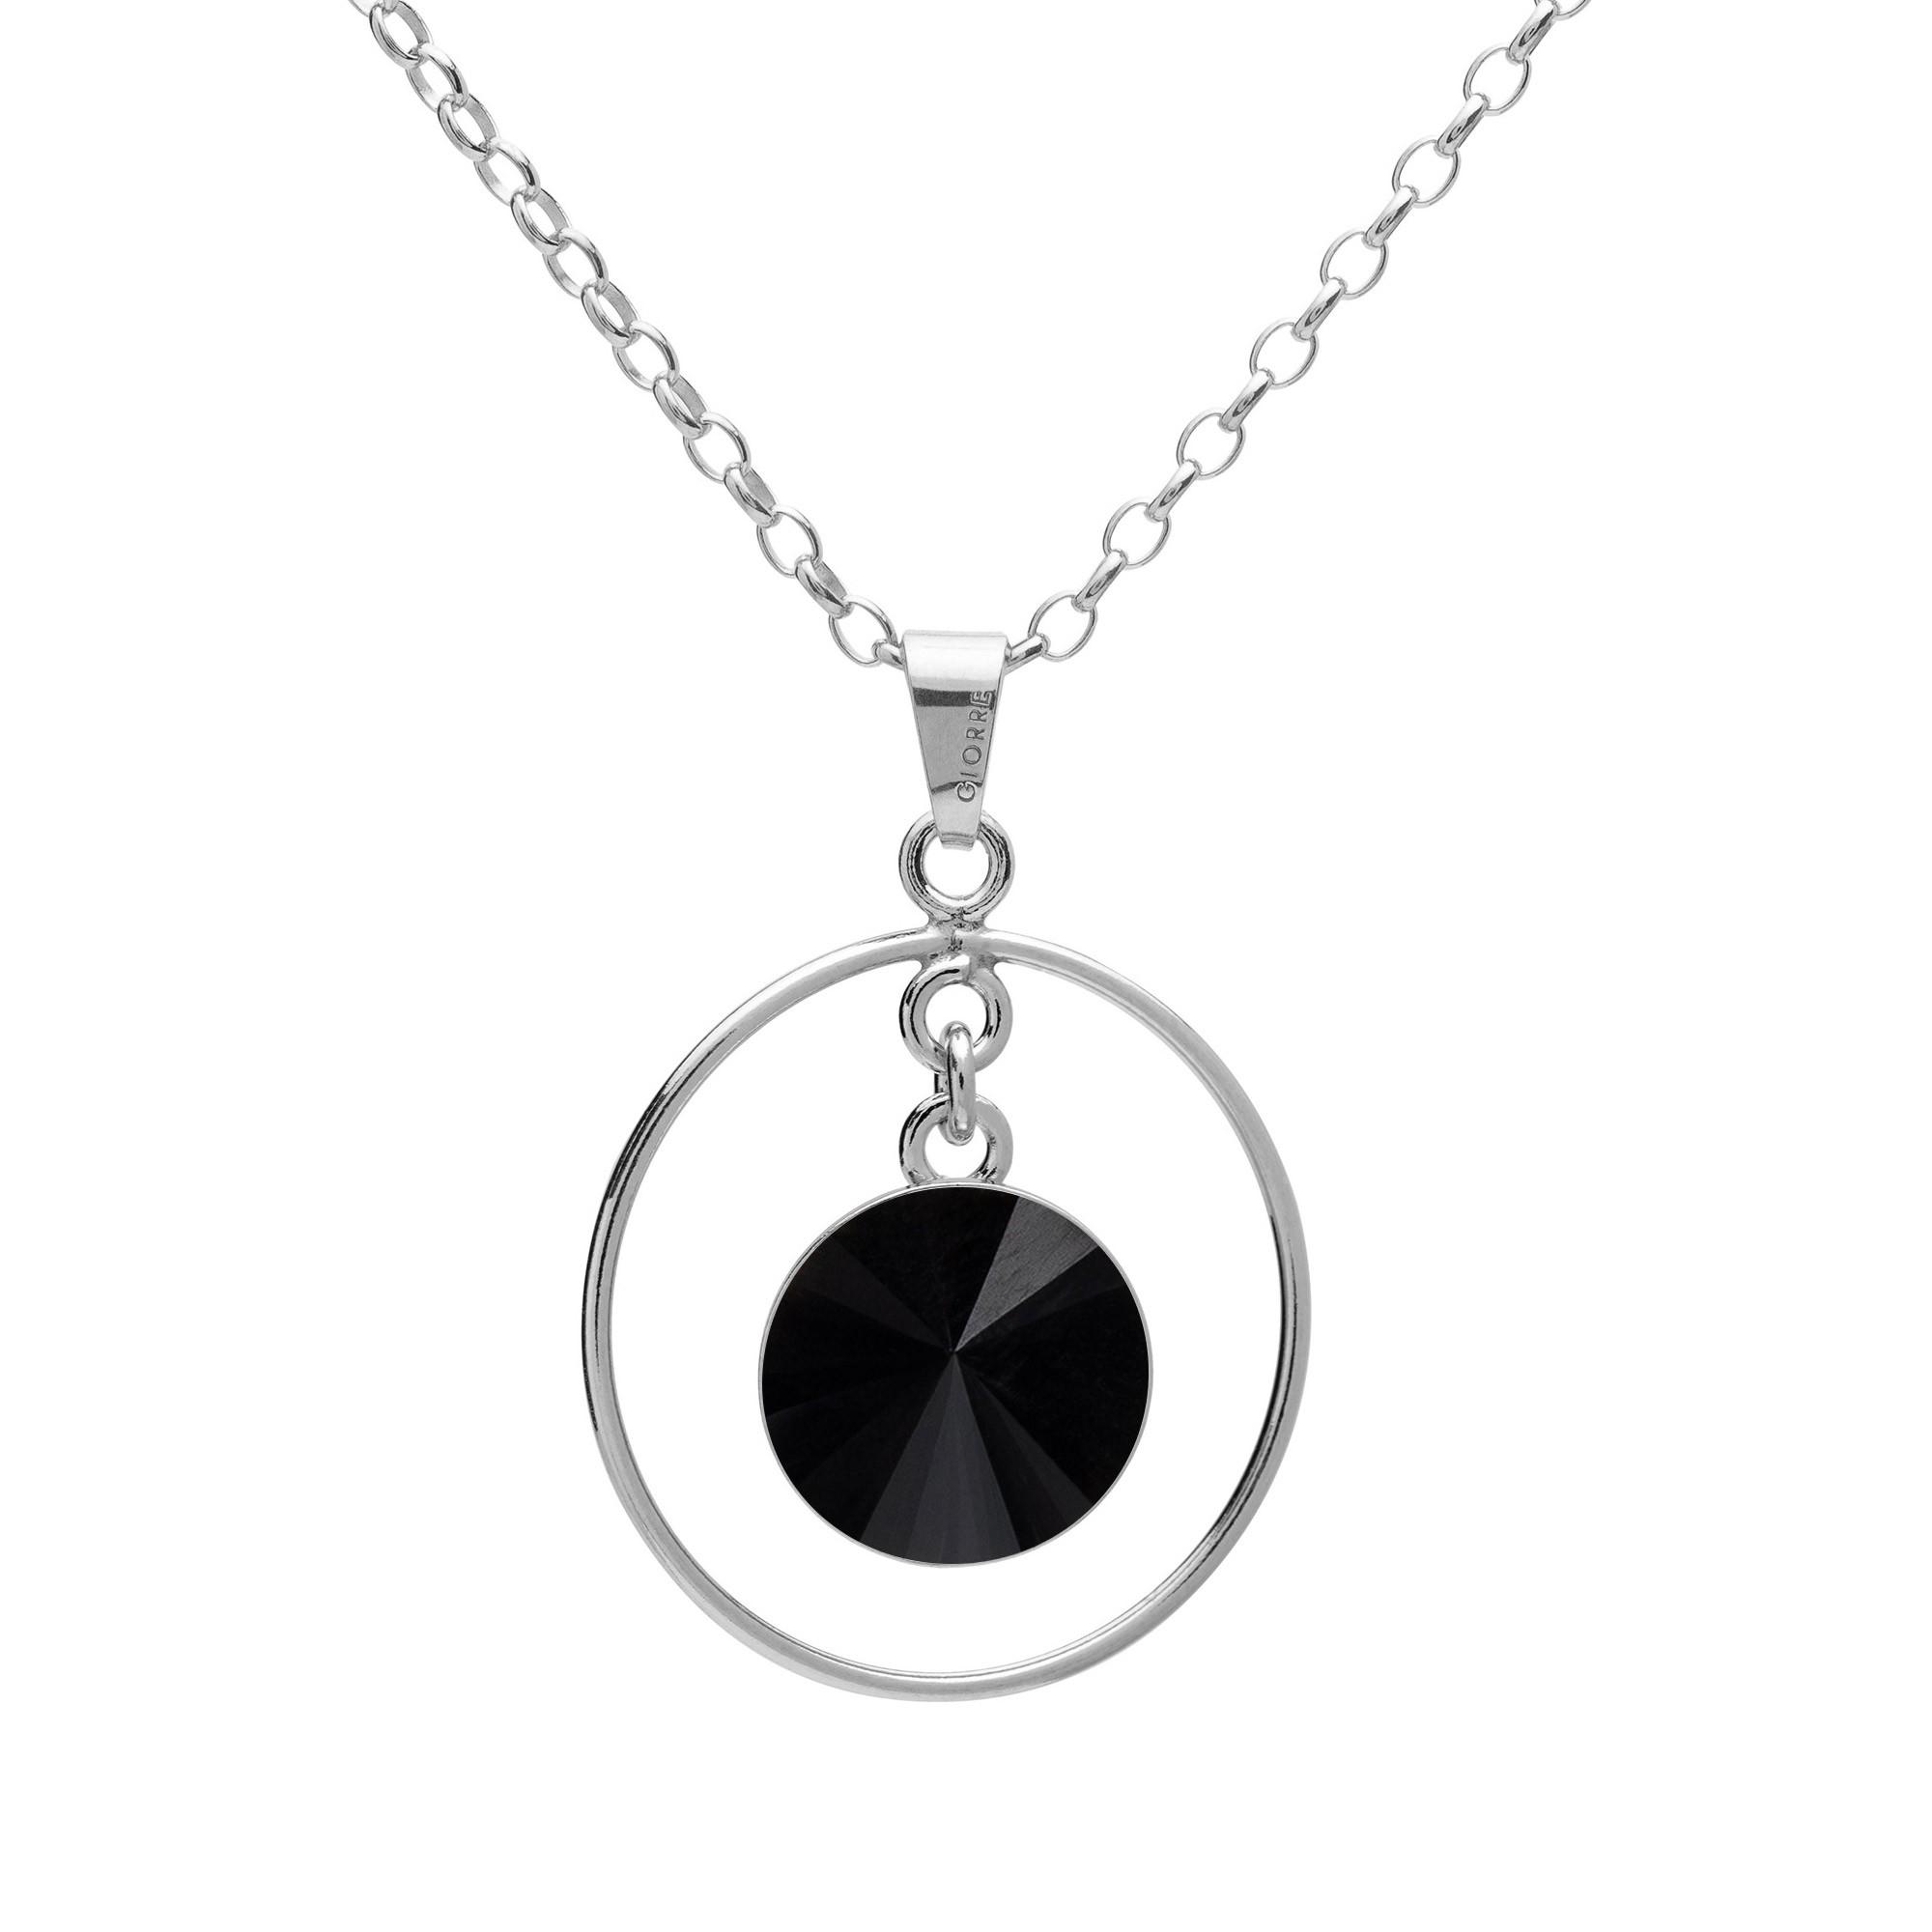 Okrągły naszyjnik z naturalnym ciemnym kamieniem - tygrysie oko, onyks, srebro 925